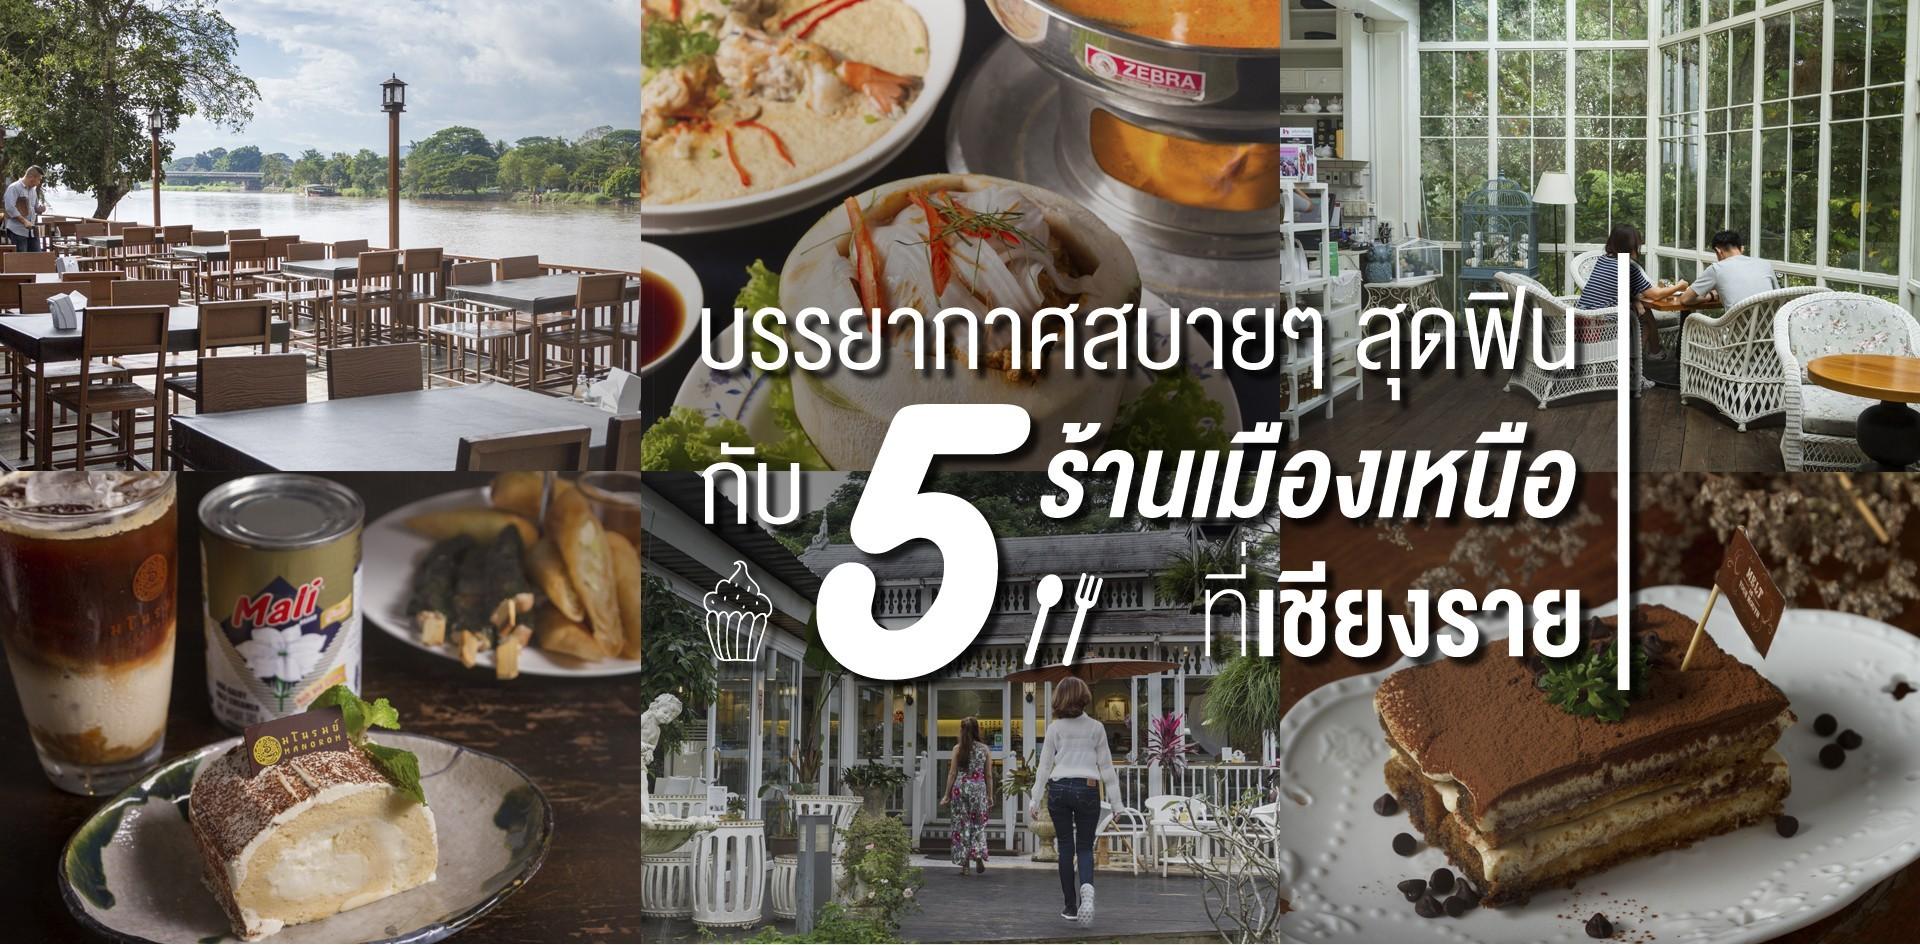 5 ร้านอาหารเชียงราย บรรยากาศสบาย ๆ ที่น่าเช็คอินแบบฟินสุด ๆ